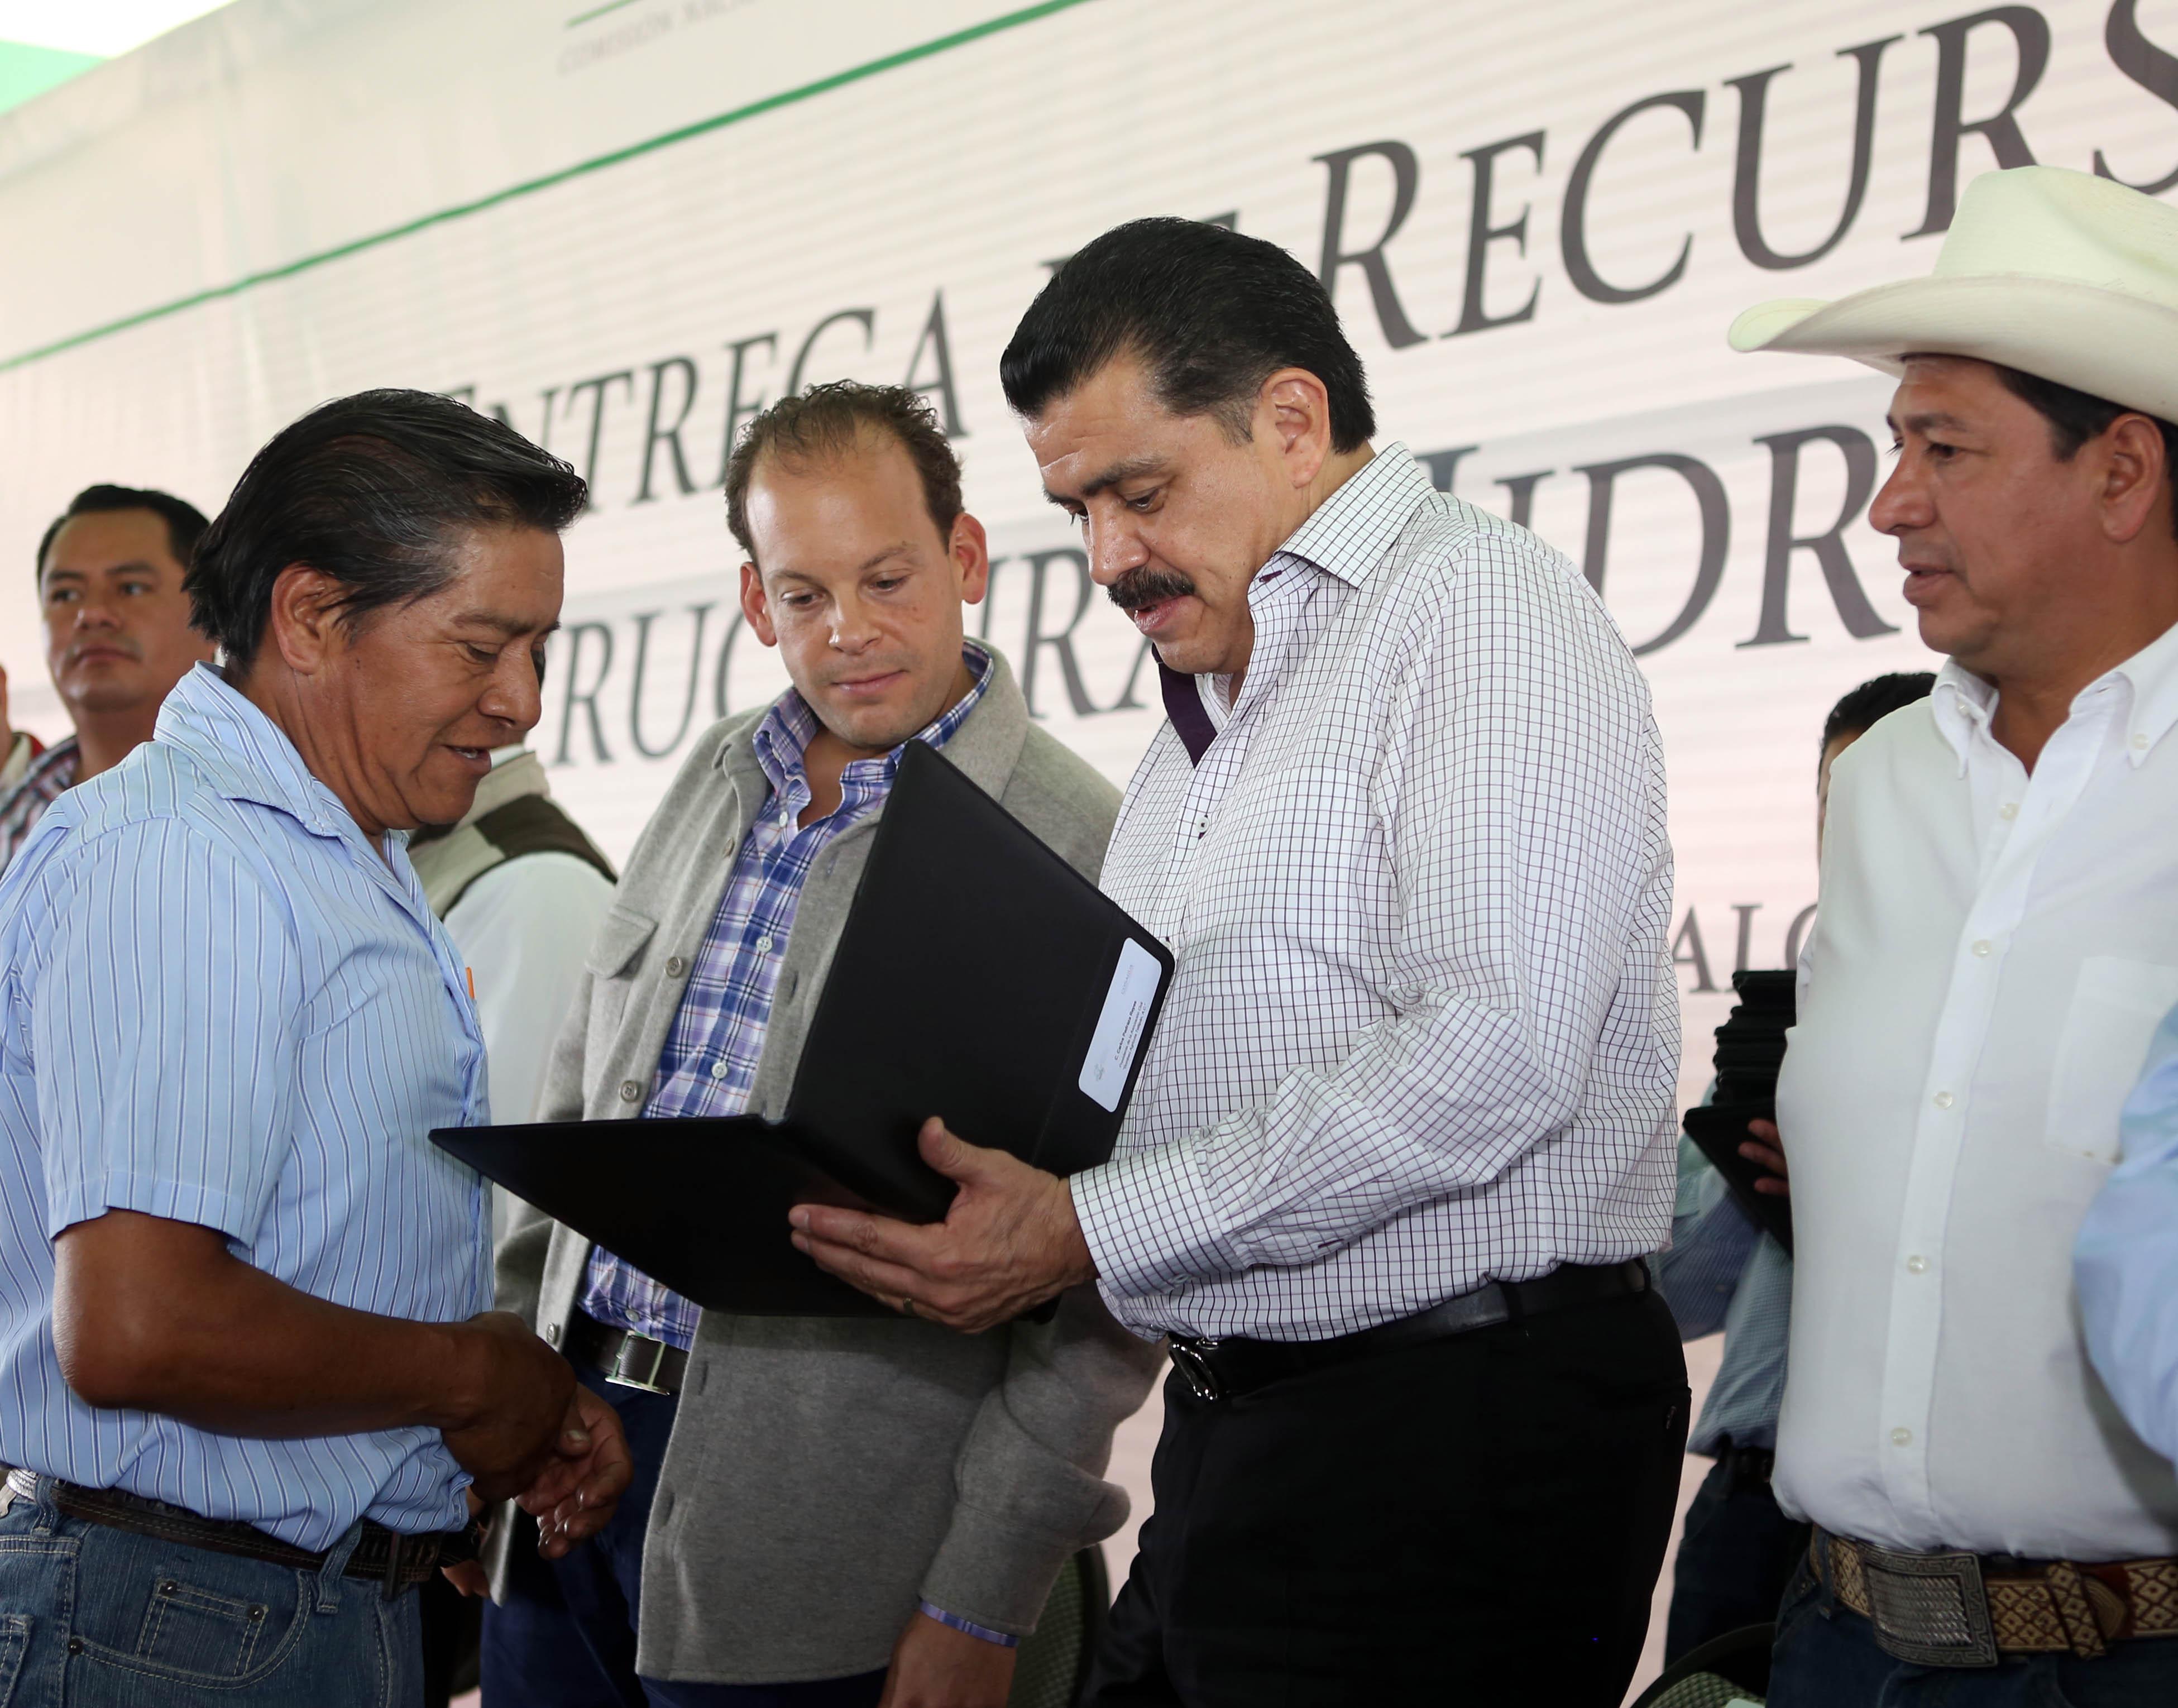 Gobierno de hidalgo e iniciativa privada fortalecen la generaci n de empleos mundo for Javier ruiz hidalgo